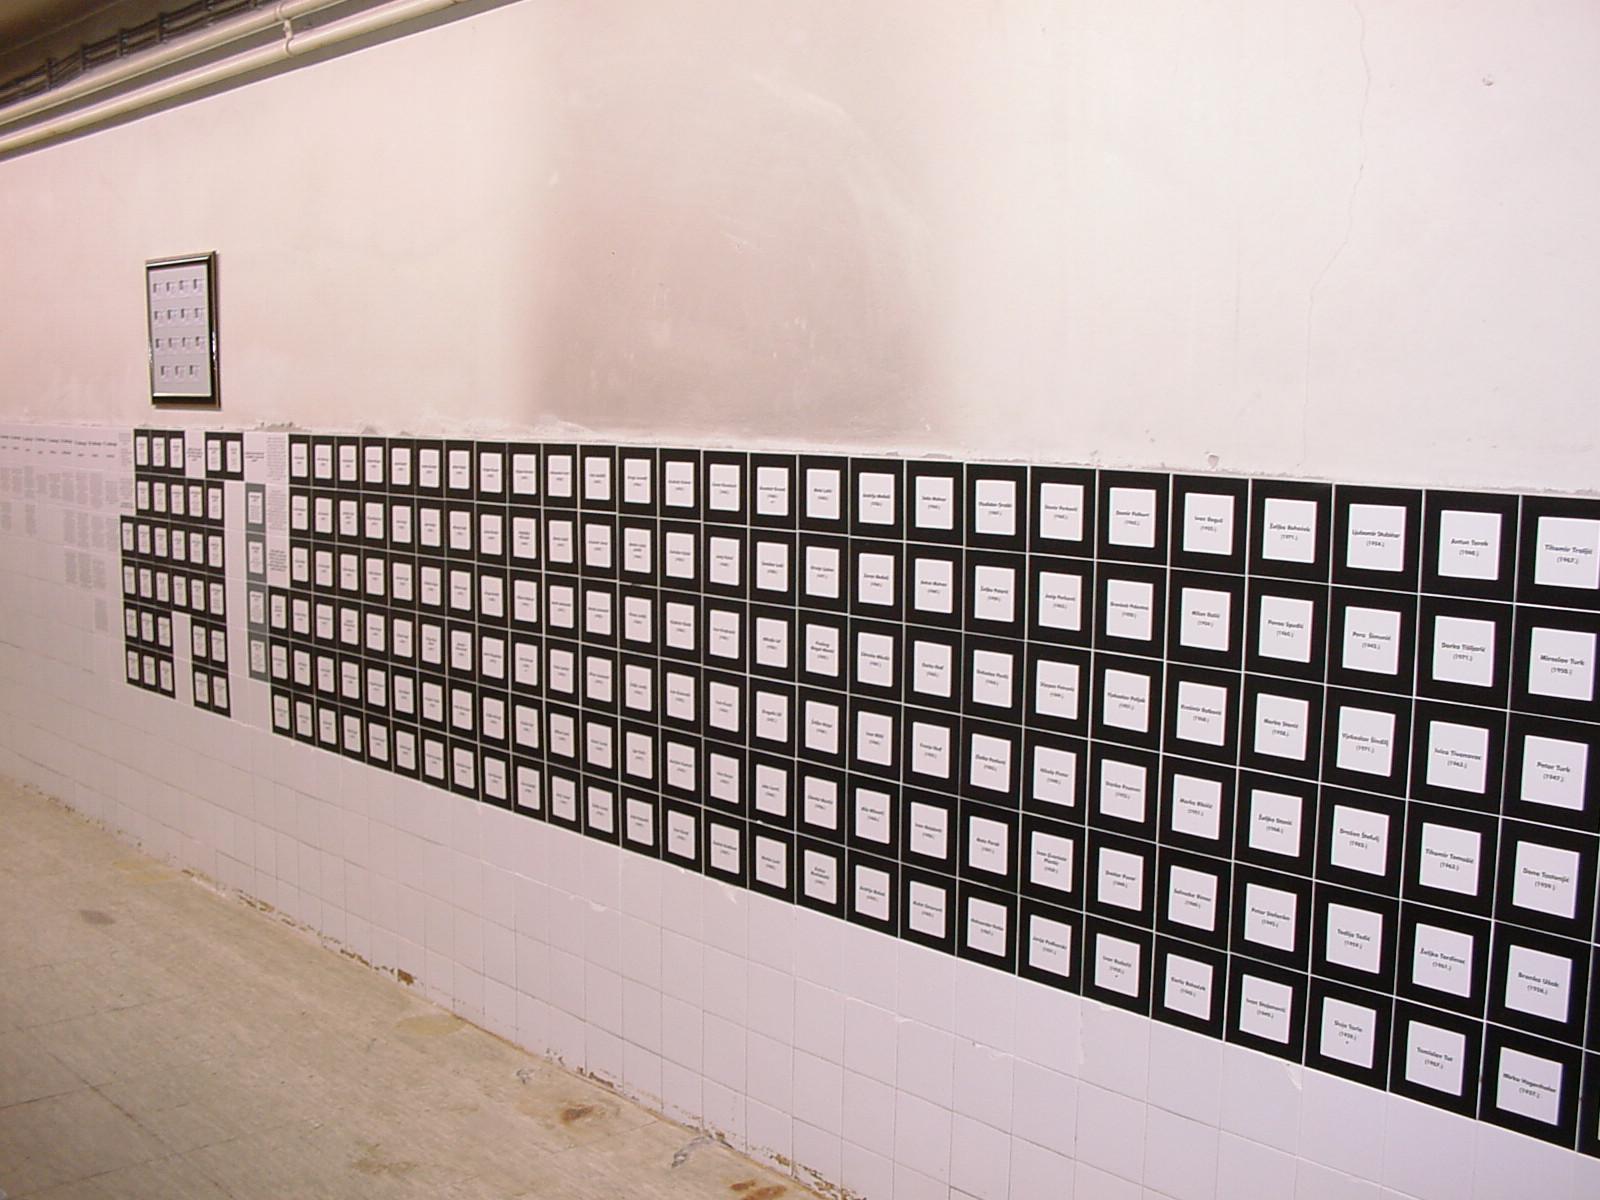 Slikovni rezultat za Popis ubijenih i nestali u Muzejskom prostoru bolnice